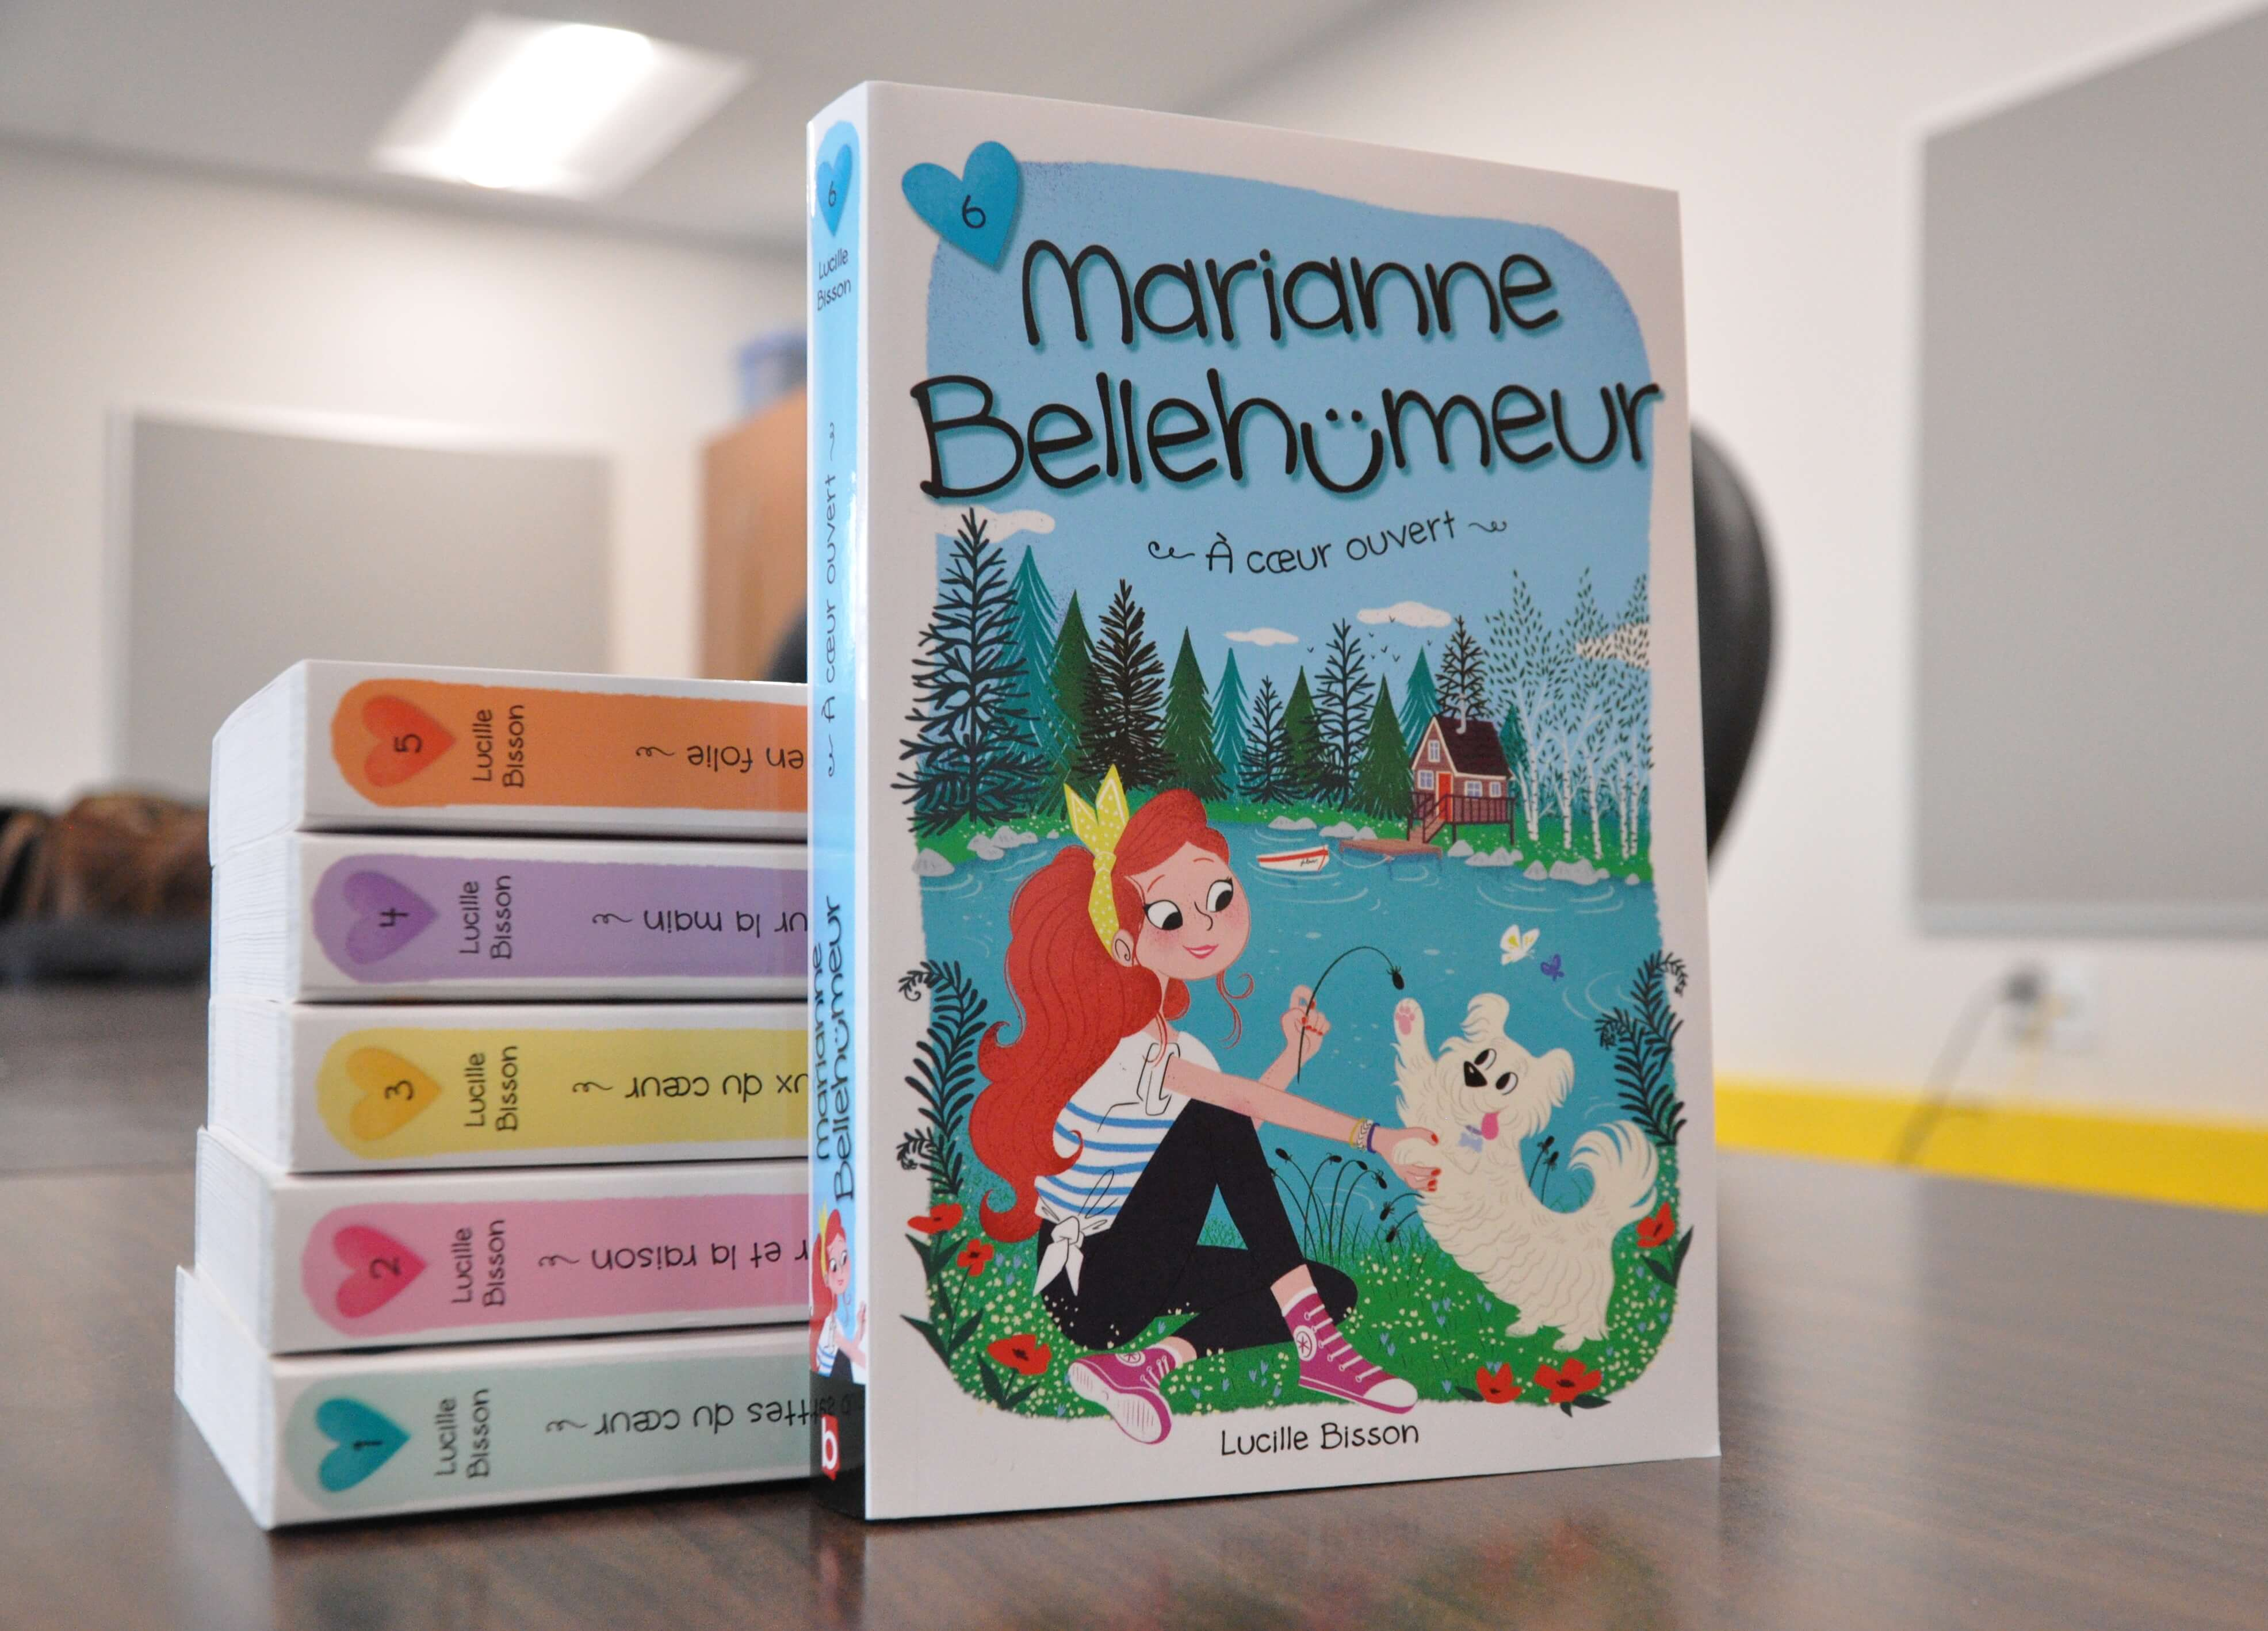 Marianne Bellehumeur livre romans jeunesse québécois 2018 Lucille Bisosn